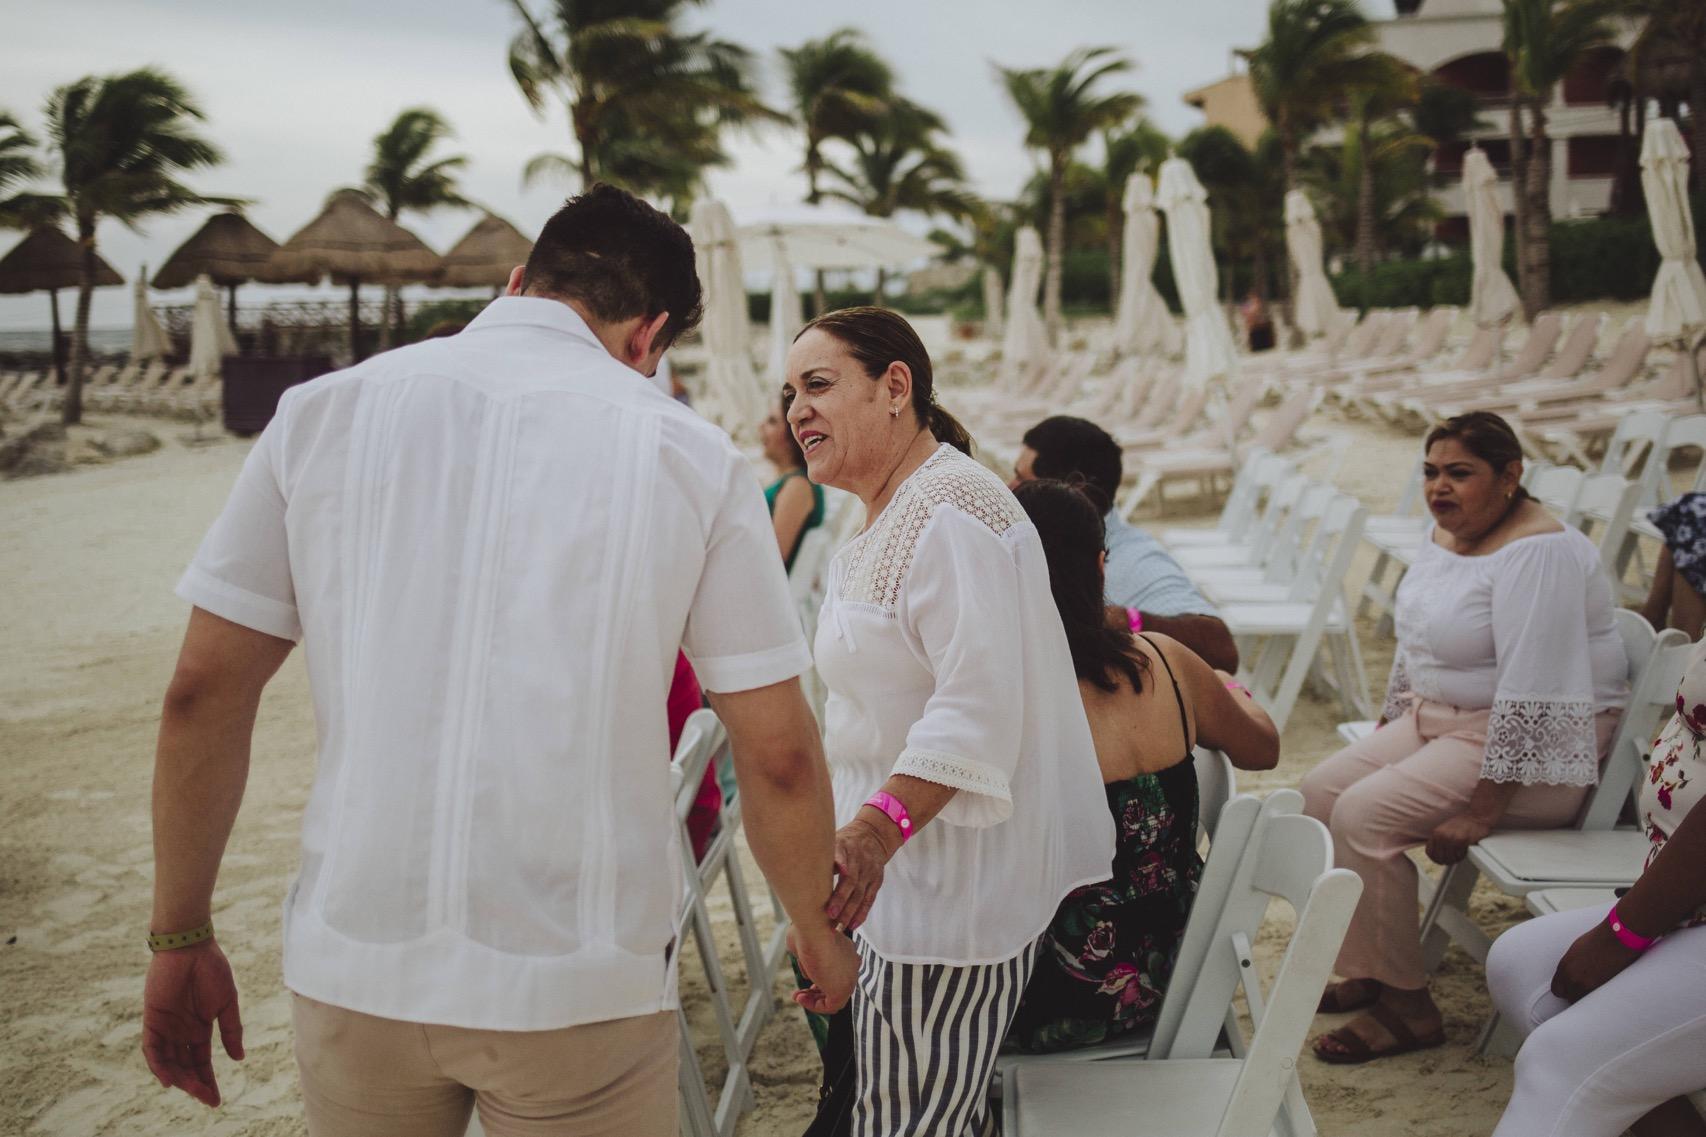 fotografo_bodas_profesional_zacatecas_riviera_maya_cancun-26